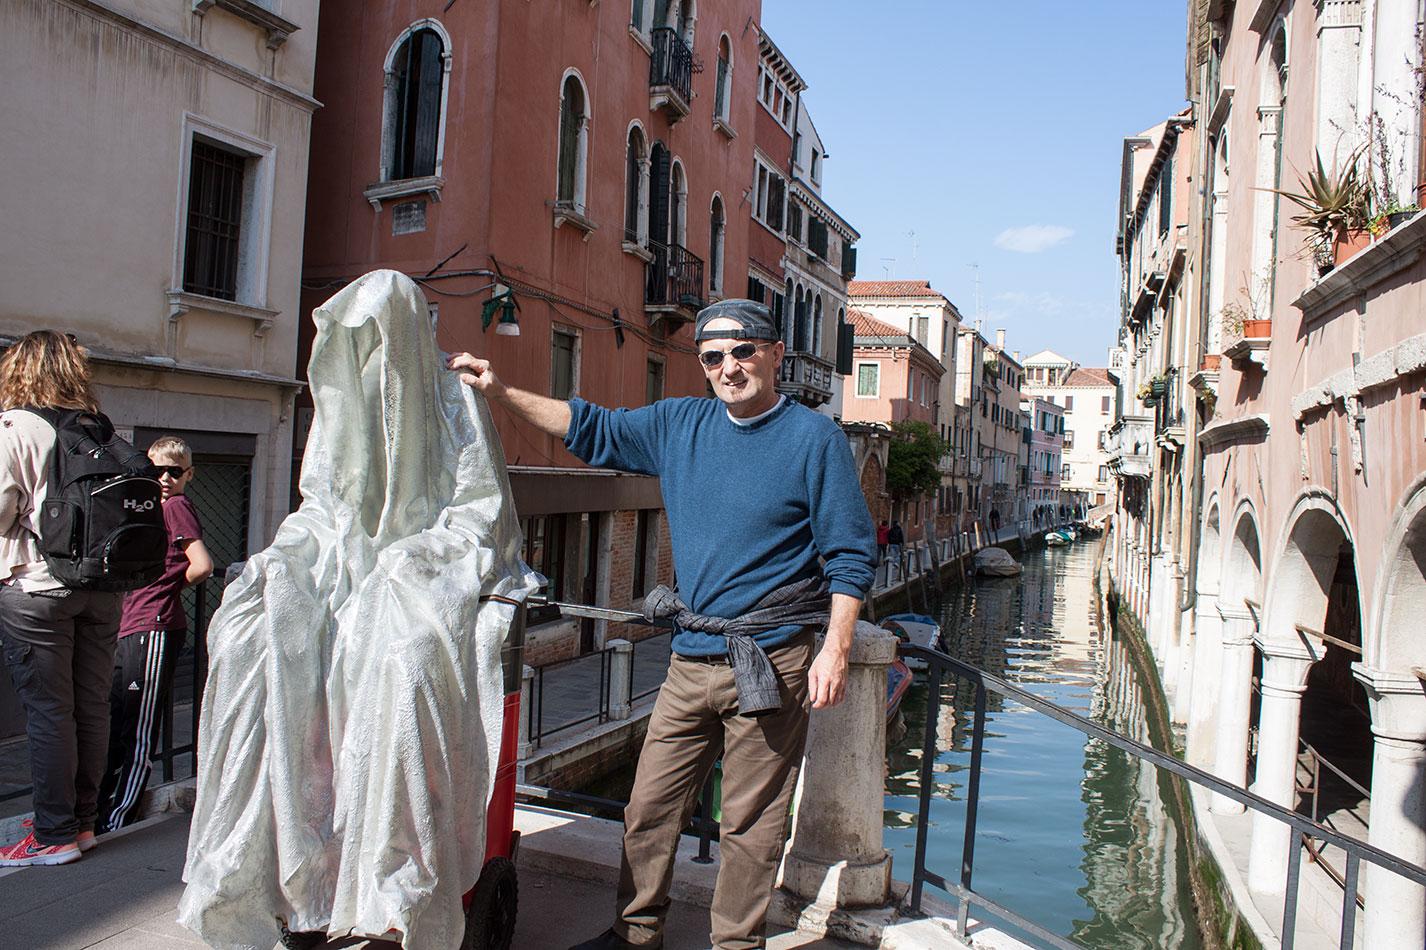 la-biennale-venezia-arte-venice-guardians-of-time-manfred-kili-kielnhofer-contemporary-art-arts-design-sculpture-performance-show-8179